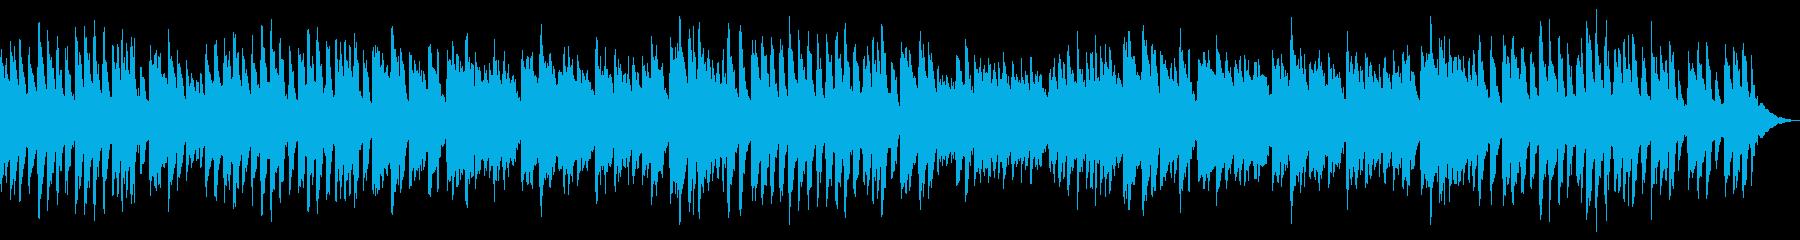 ピアノの練習シーン等に最適なピアノソロの再生済みの波形